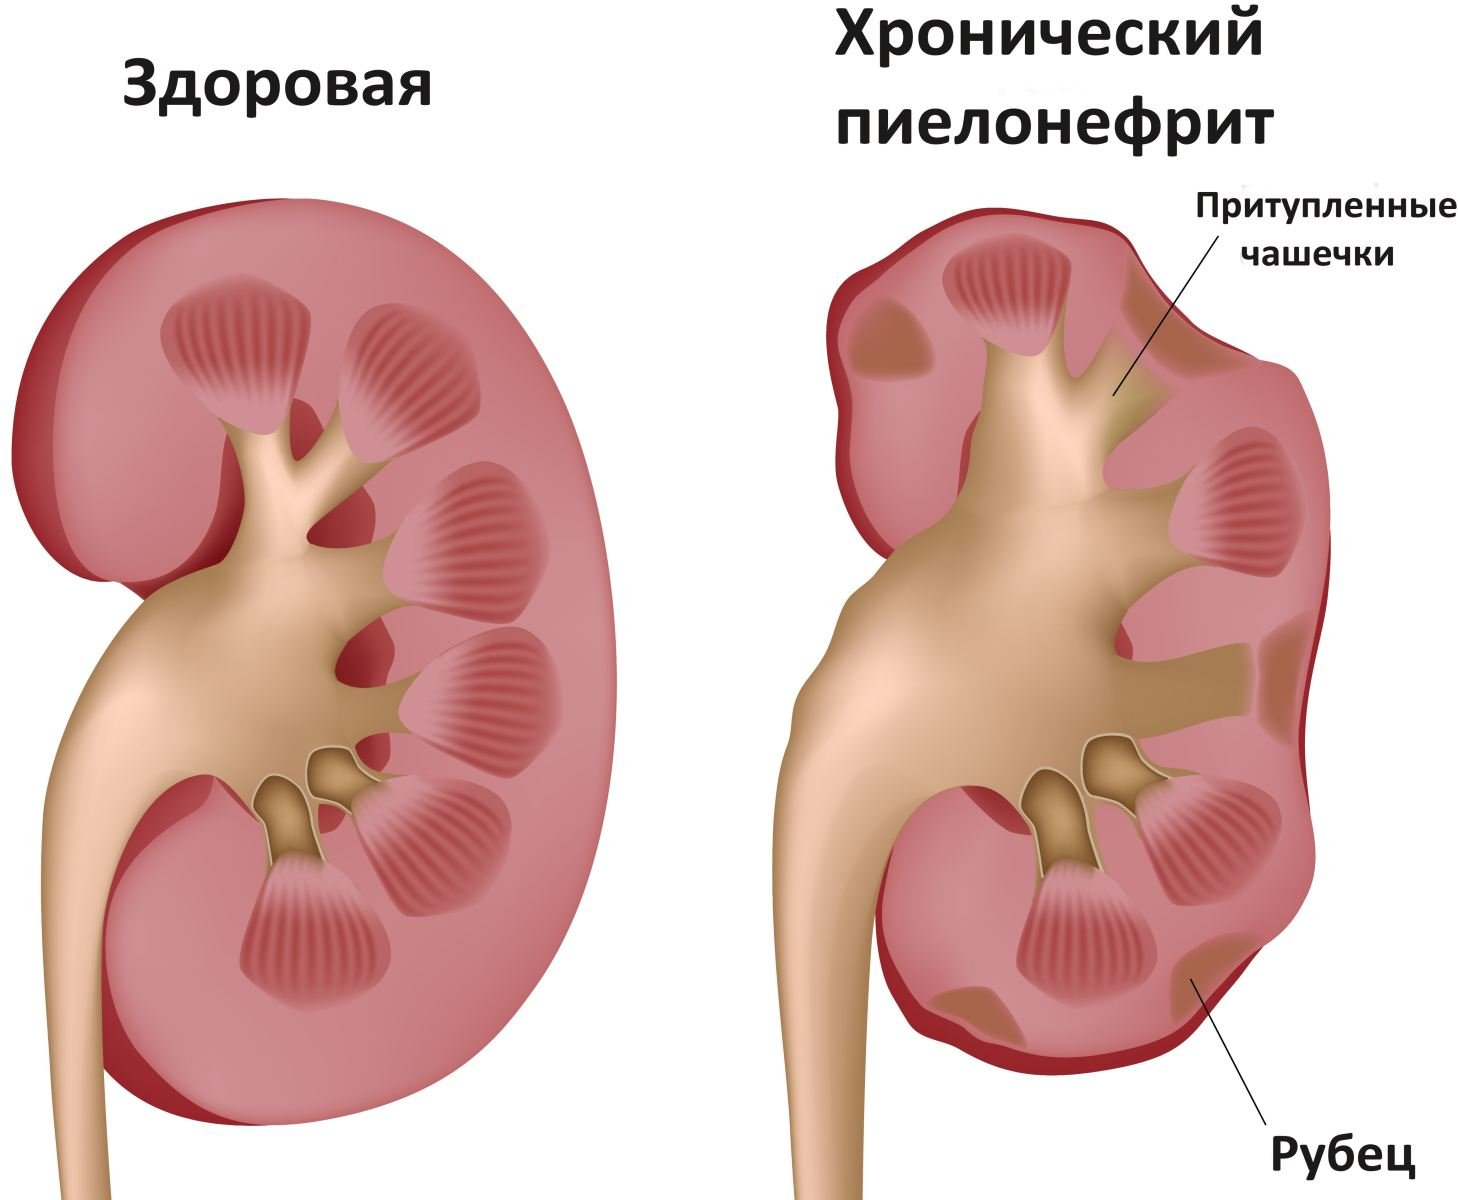 Пиелонефрит - причины, лечение лекарственными и народными средствами